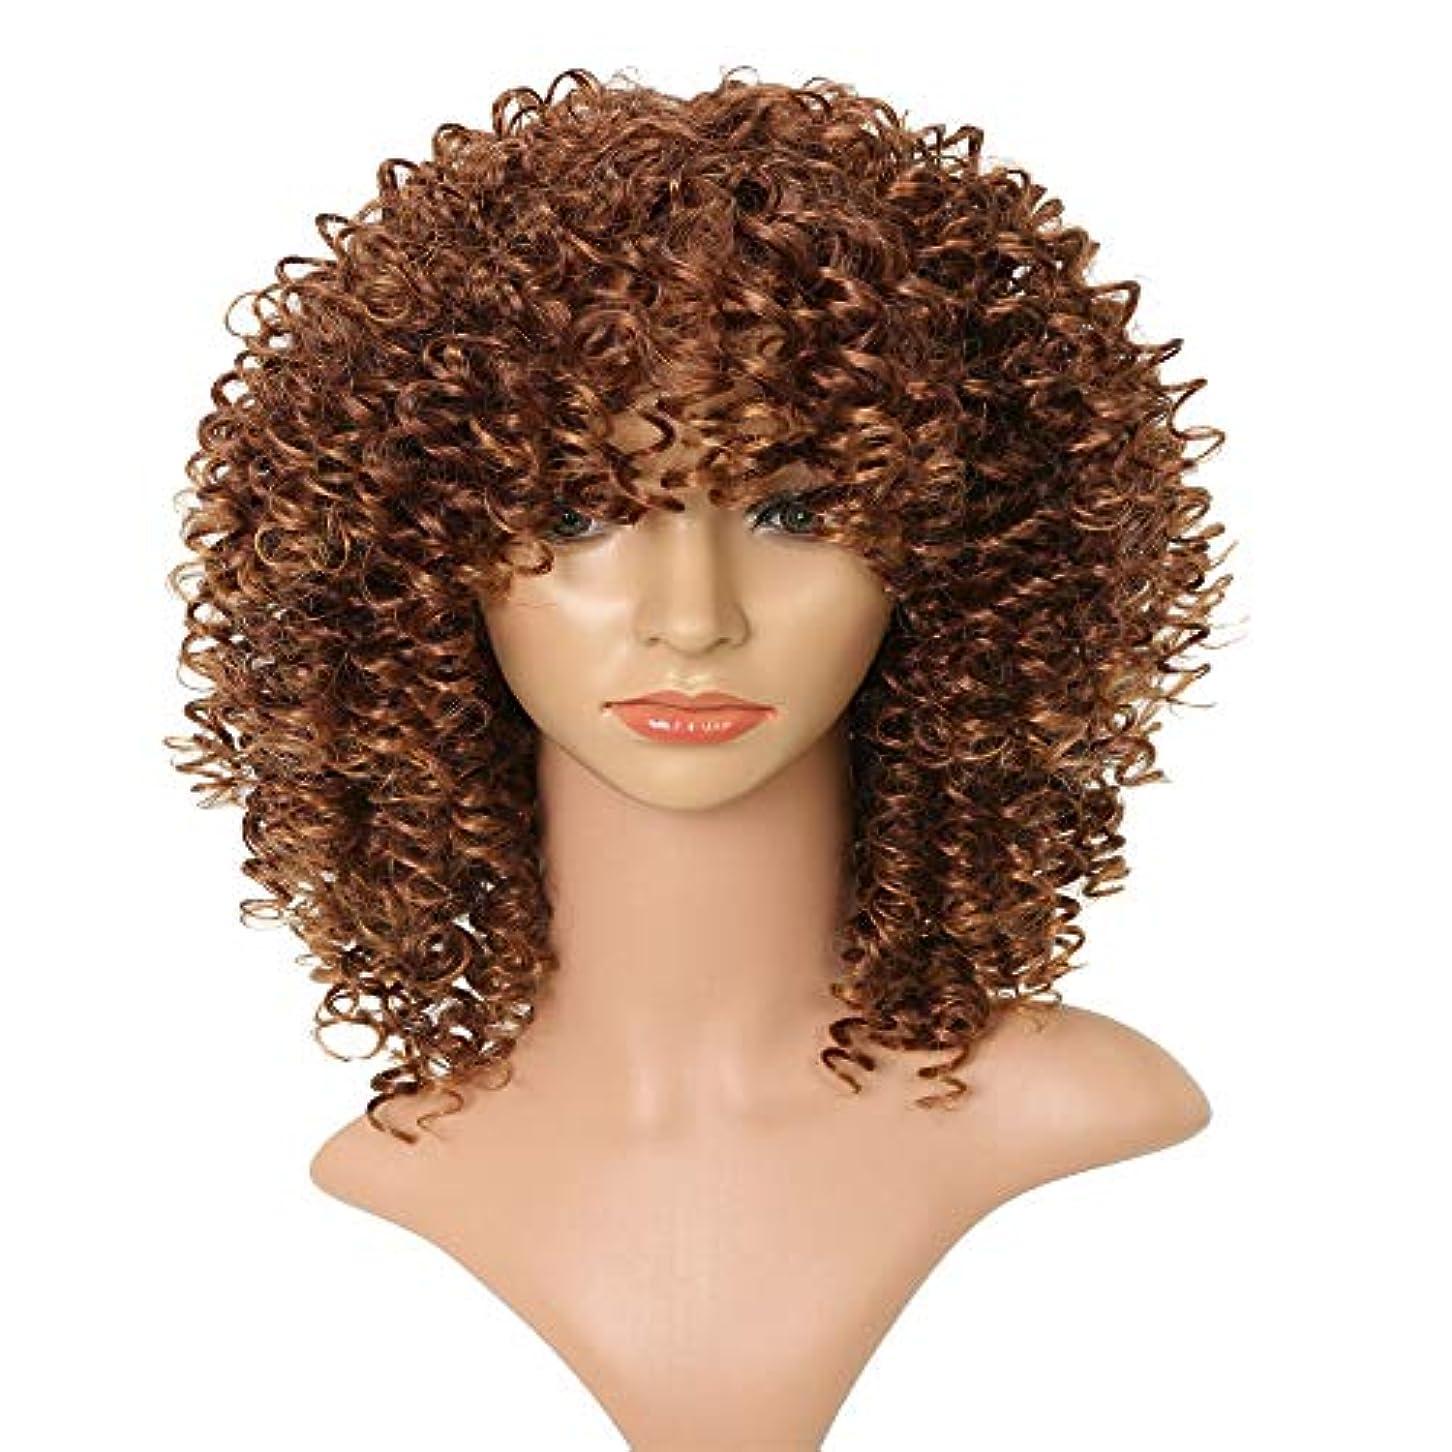 不確実法令一般フェザーエクステンションブラウン女性用カーリーキンキーオンブルブロンドネイチャーブラウンアフリカ合成かつら高温シルク繊維フード16インチ